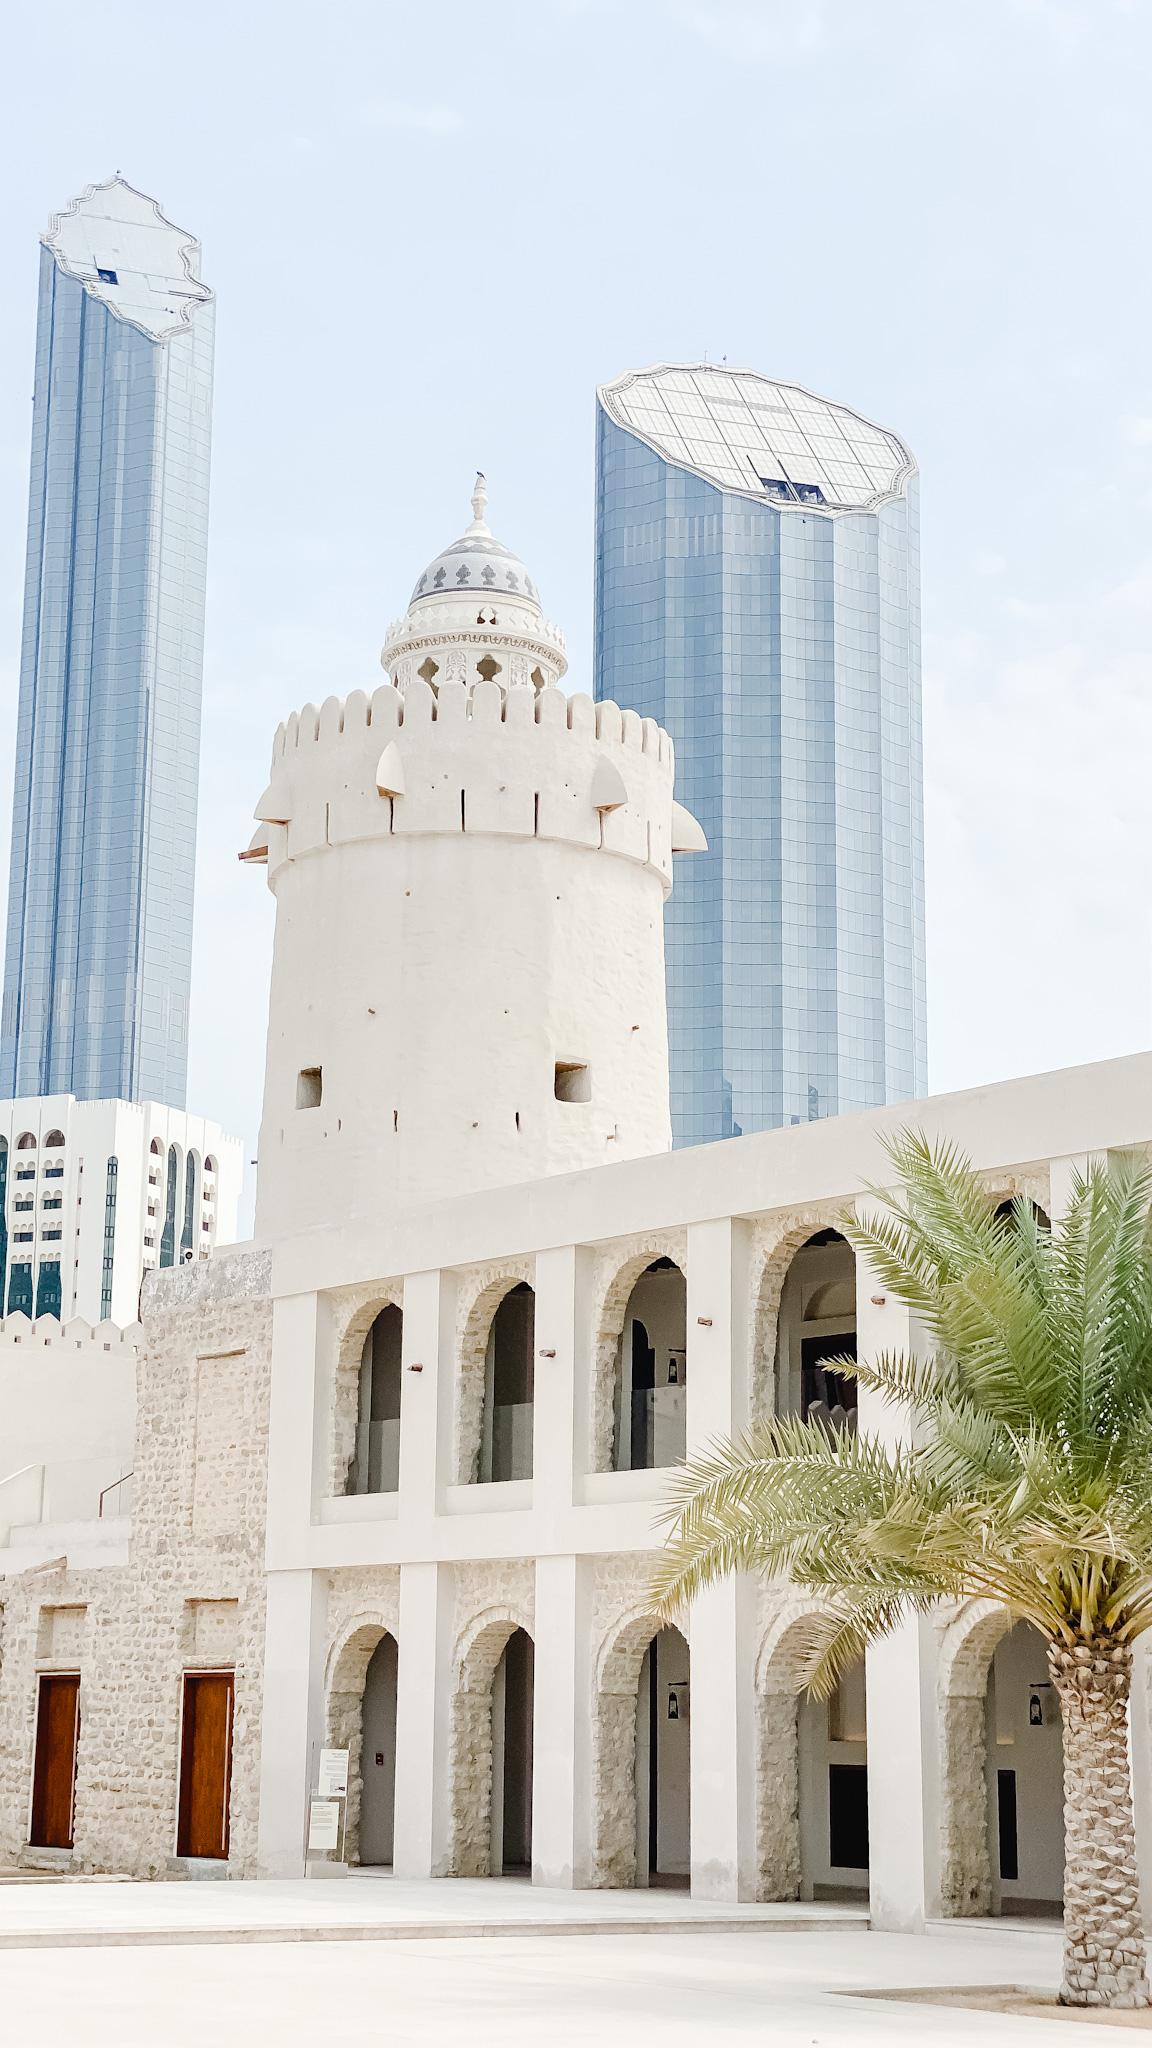 قصر الحصن في العاصمة ابوظبي - ١٣-٨-٢٠٢٠